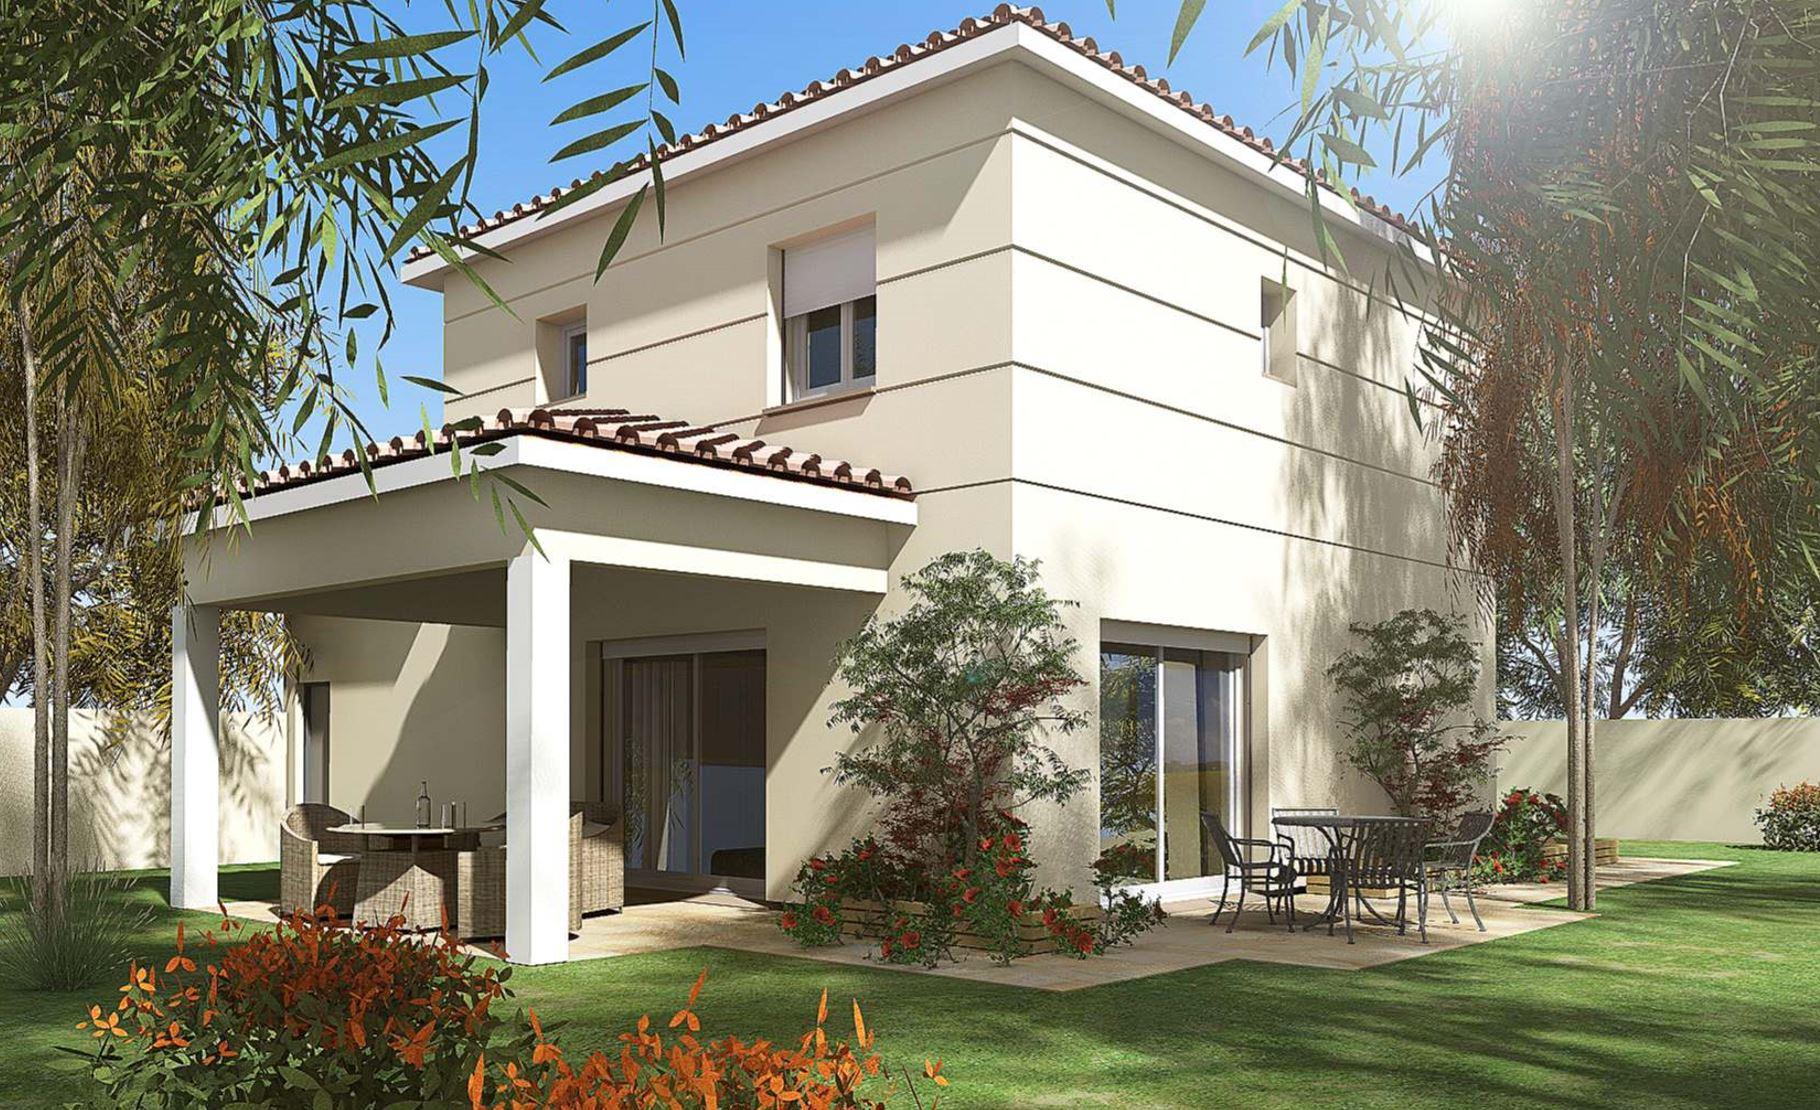 Maisons + Terrains du constructeur HABITAT SUD EST • 86 m² • SAINT SYMPHORIEN SOUS CHOMERAC